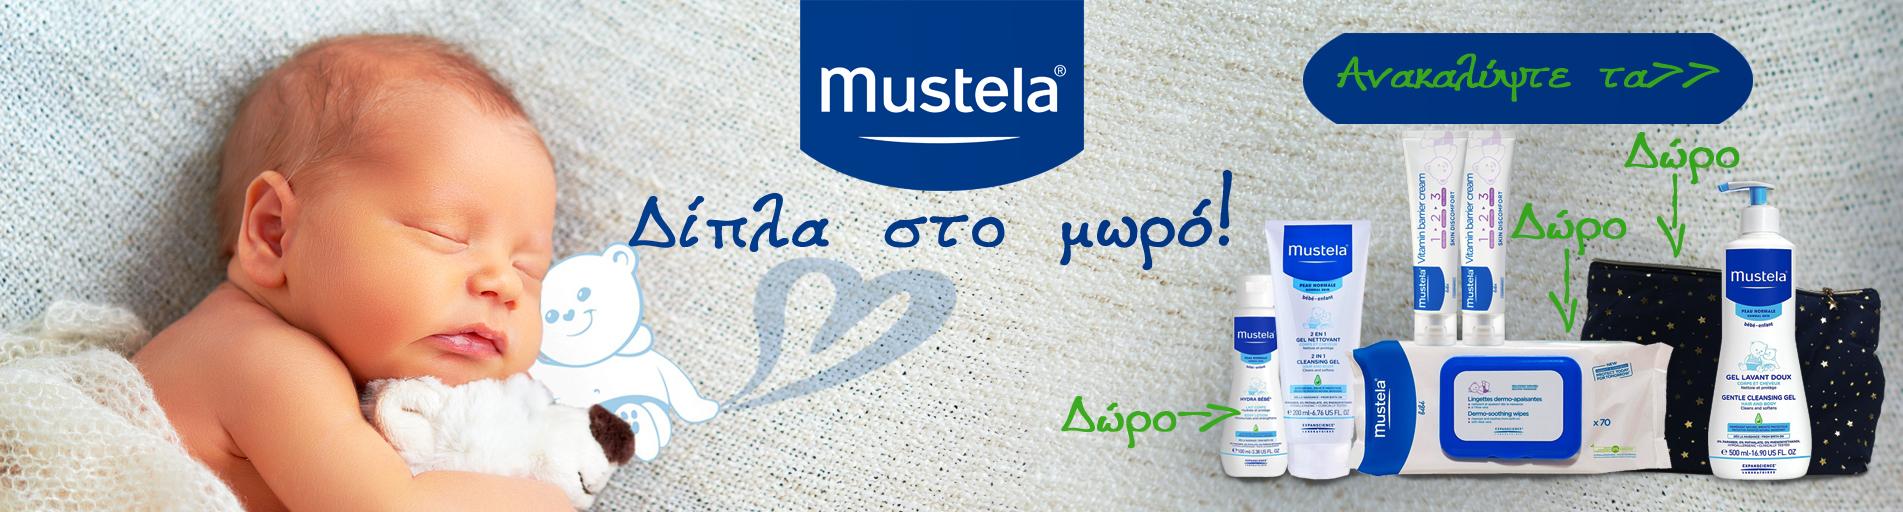 Mustela promo packs 1903